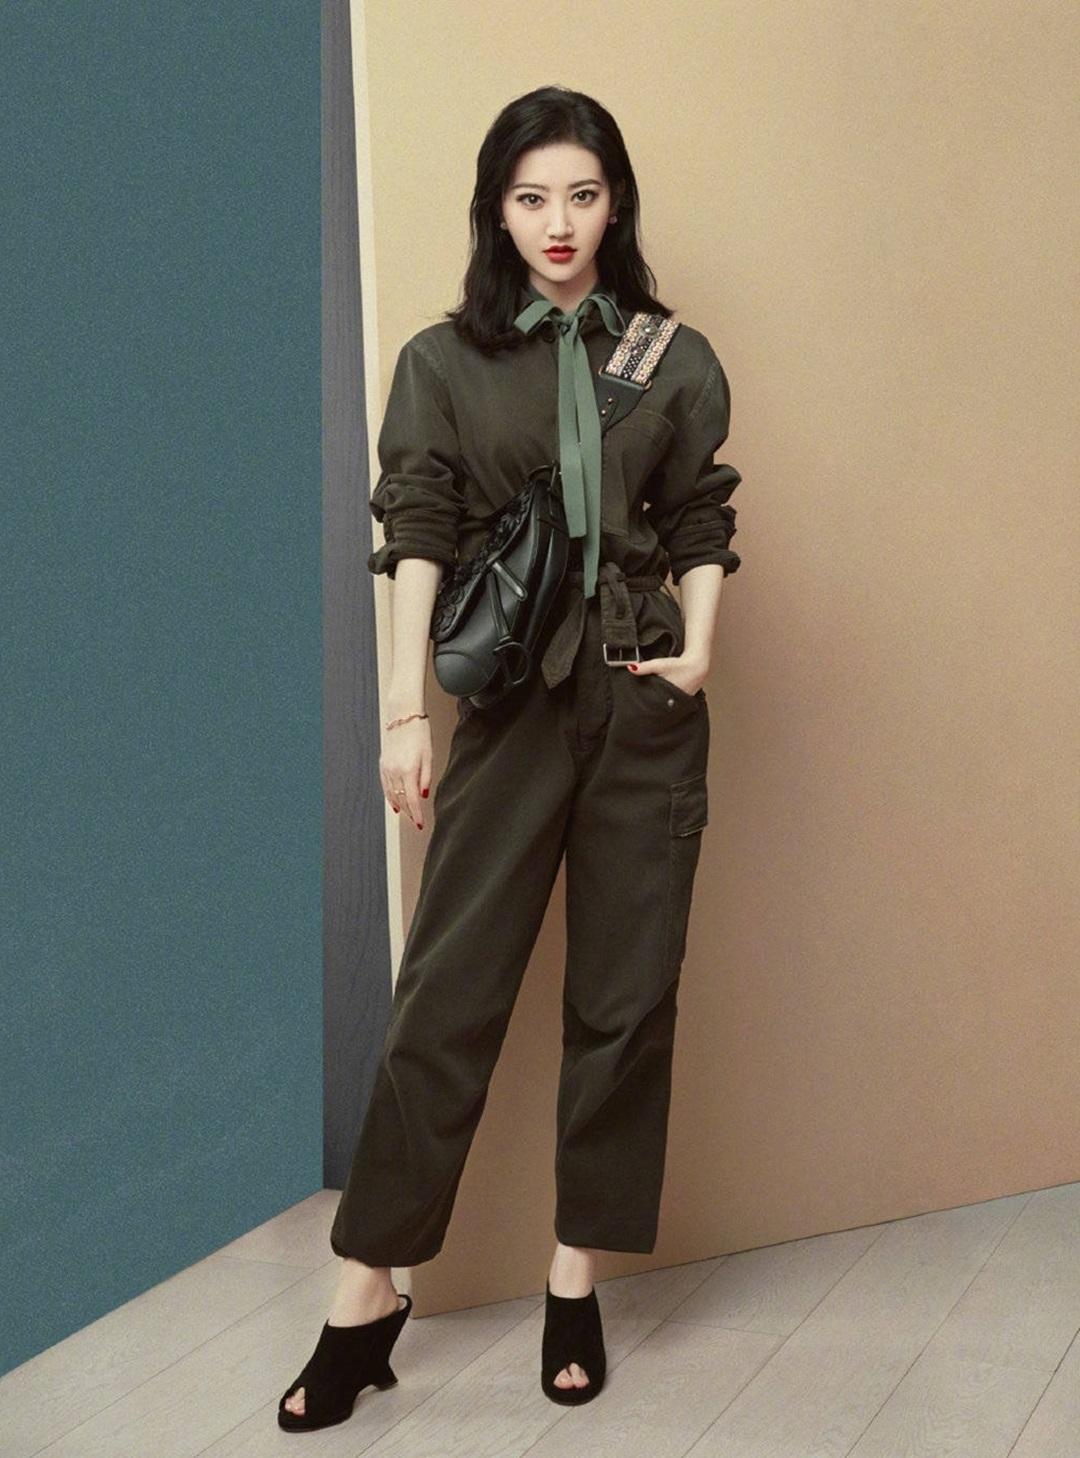 Cảnh Điềm theo kết hợp set áo quần gam rêu trung tính của Dior, giày cao gót hở mũi cách điệu và túi yên ngựa đen, nhấn vào quai đeo bản to.